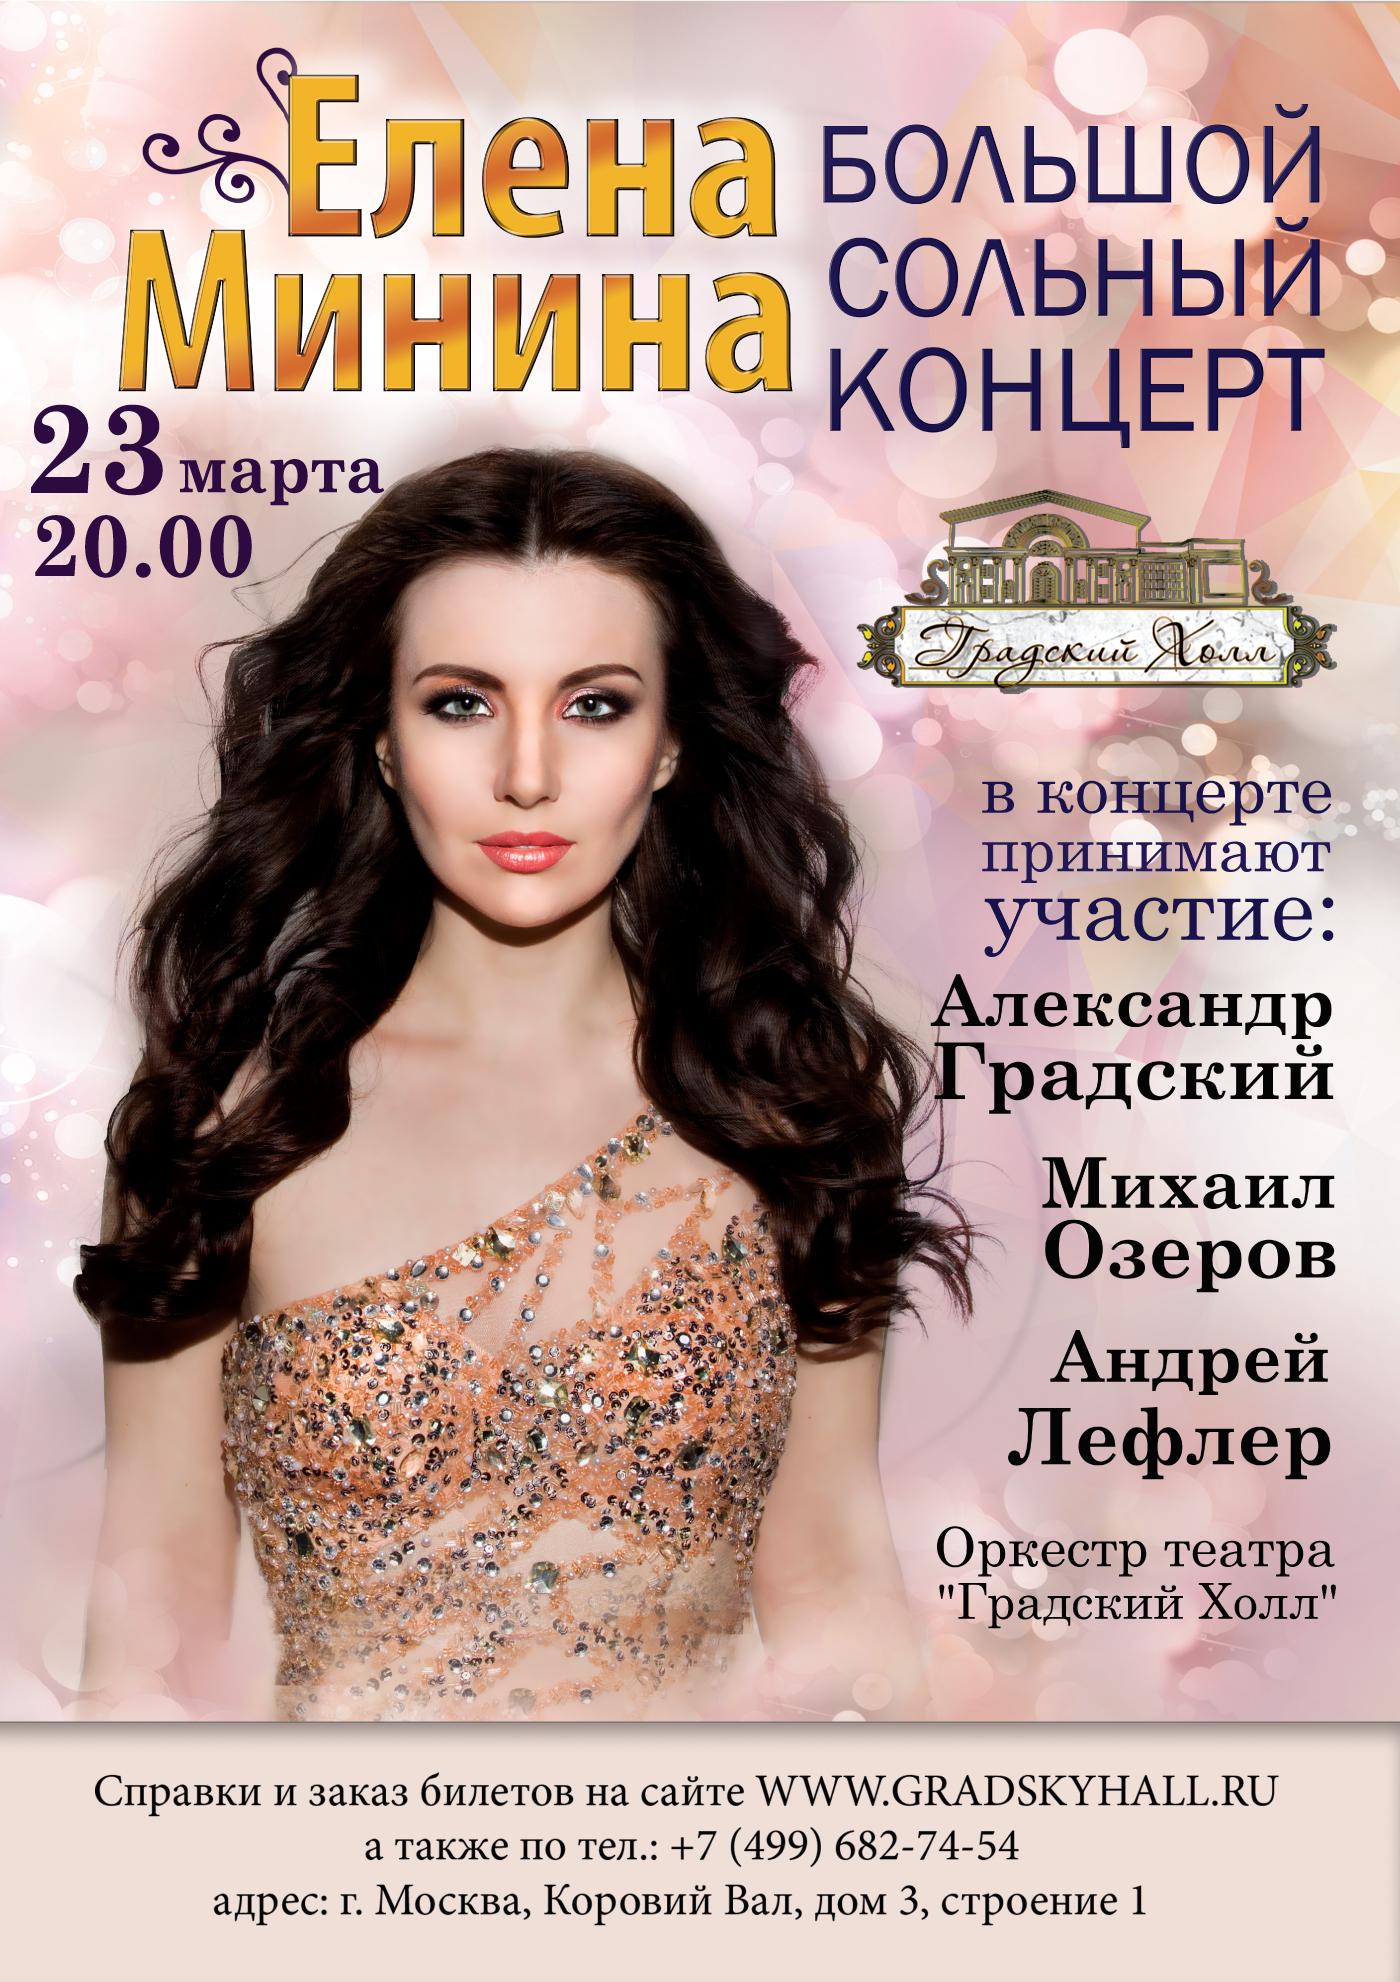 Елена МИНИНА Большой сольный концерт